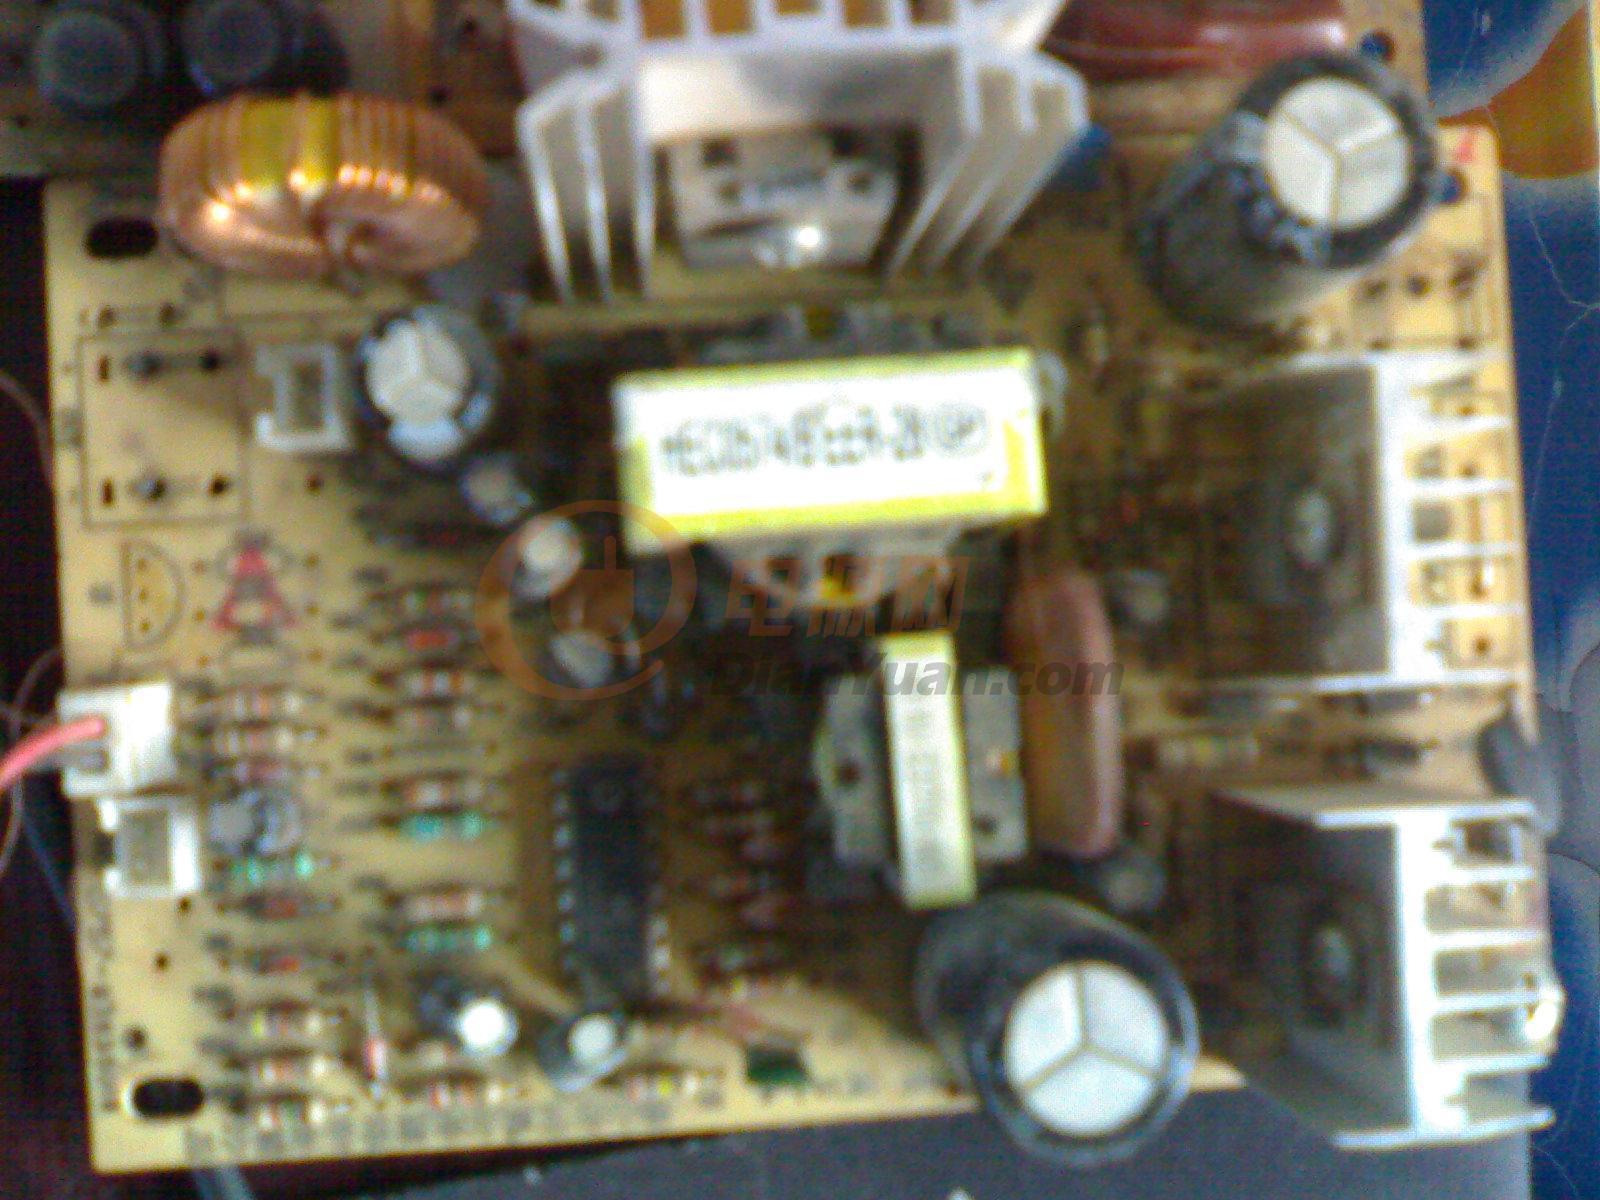 这是电脑电源和饮水机线路板的对比图